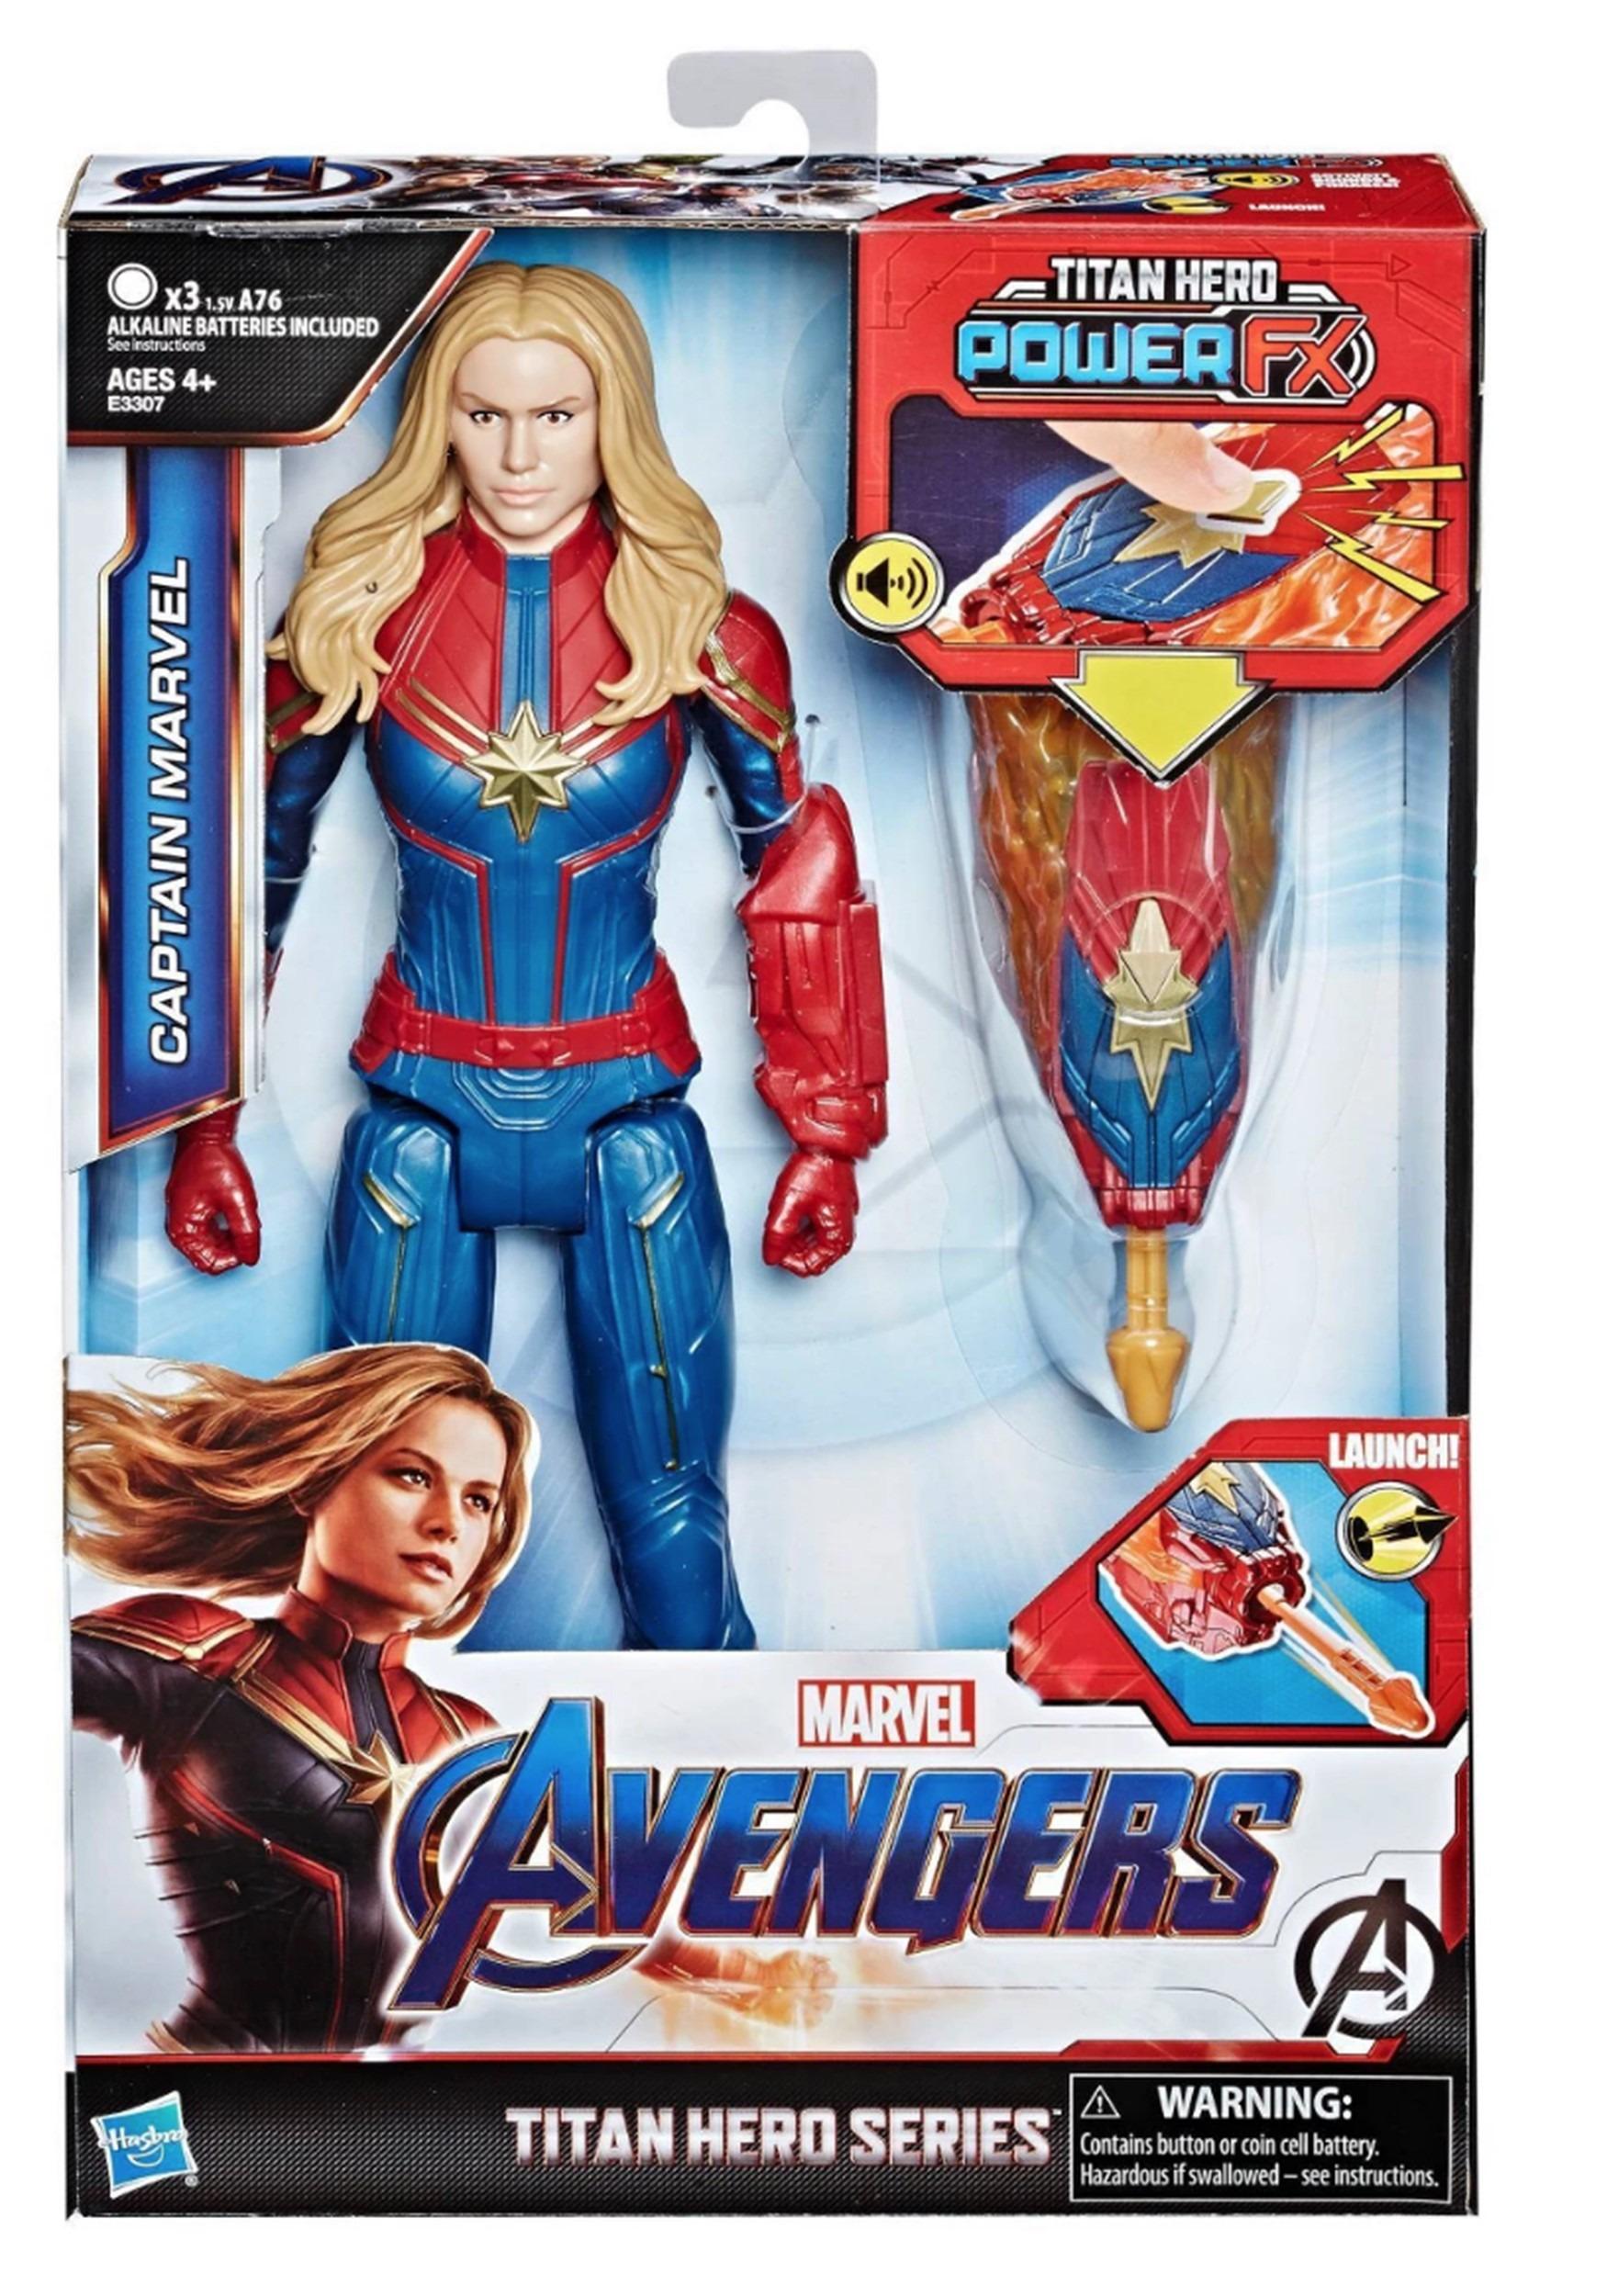 Avengers: Endgame Titan Hero Series Power FX Captain Marvel